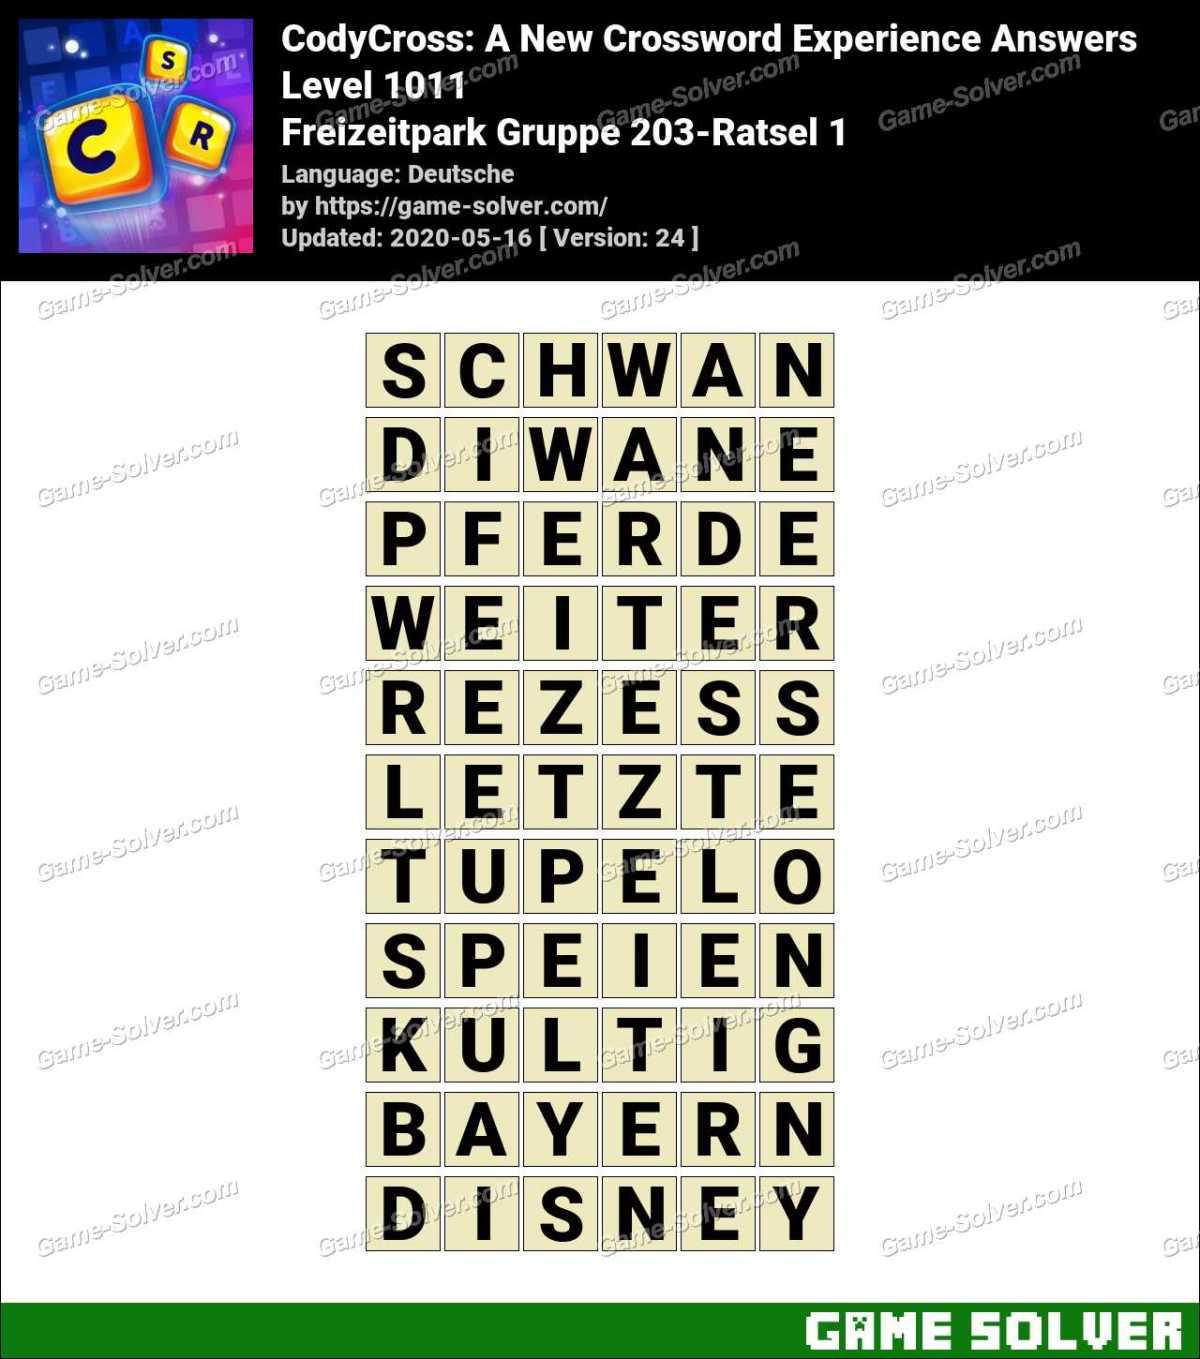 CodyCross Freizeitpark Gruppe 203-Ratsel 1 Lösungen